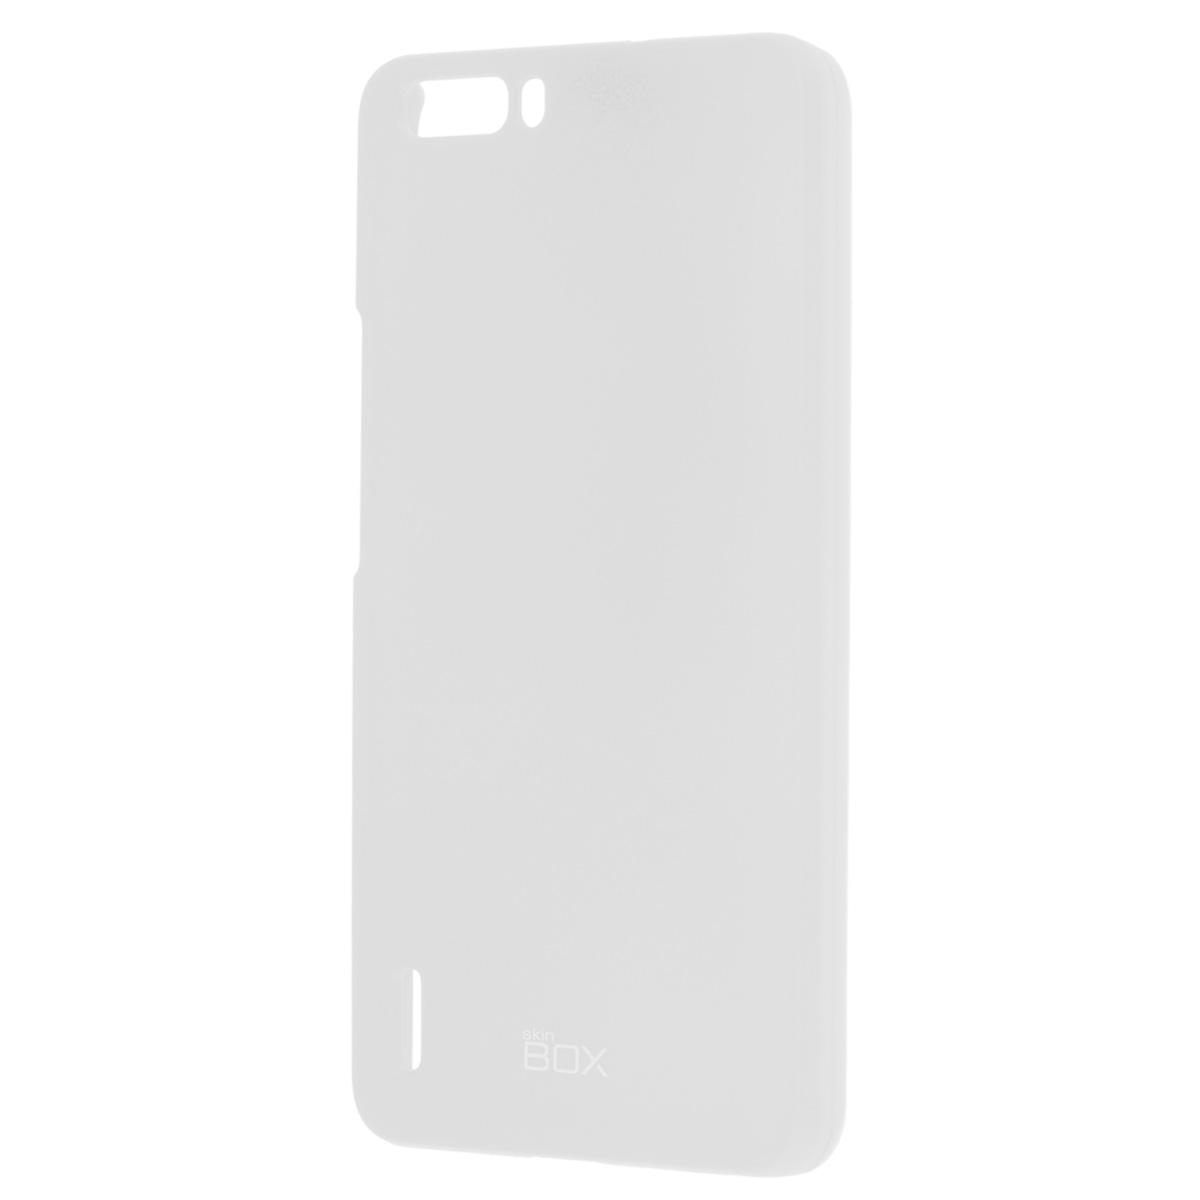 Skinbox Shield 4People чехол для Huawei Honor 6 Plus, WhiteT-S-HH6P-002Накладка Skinbox Shield 4People для Huawei Honor 6 Plus обеспечивает амортизацию удара при непредвиденном падении устройства, а также защитит его от пыли, отпечатков пальцев и царапин. Обеспечивает свободный доступ ко всем разъемам и клавишам устройства.